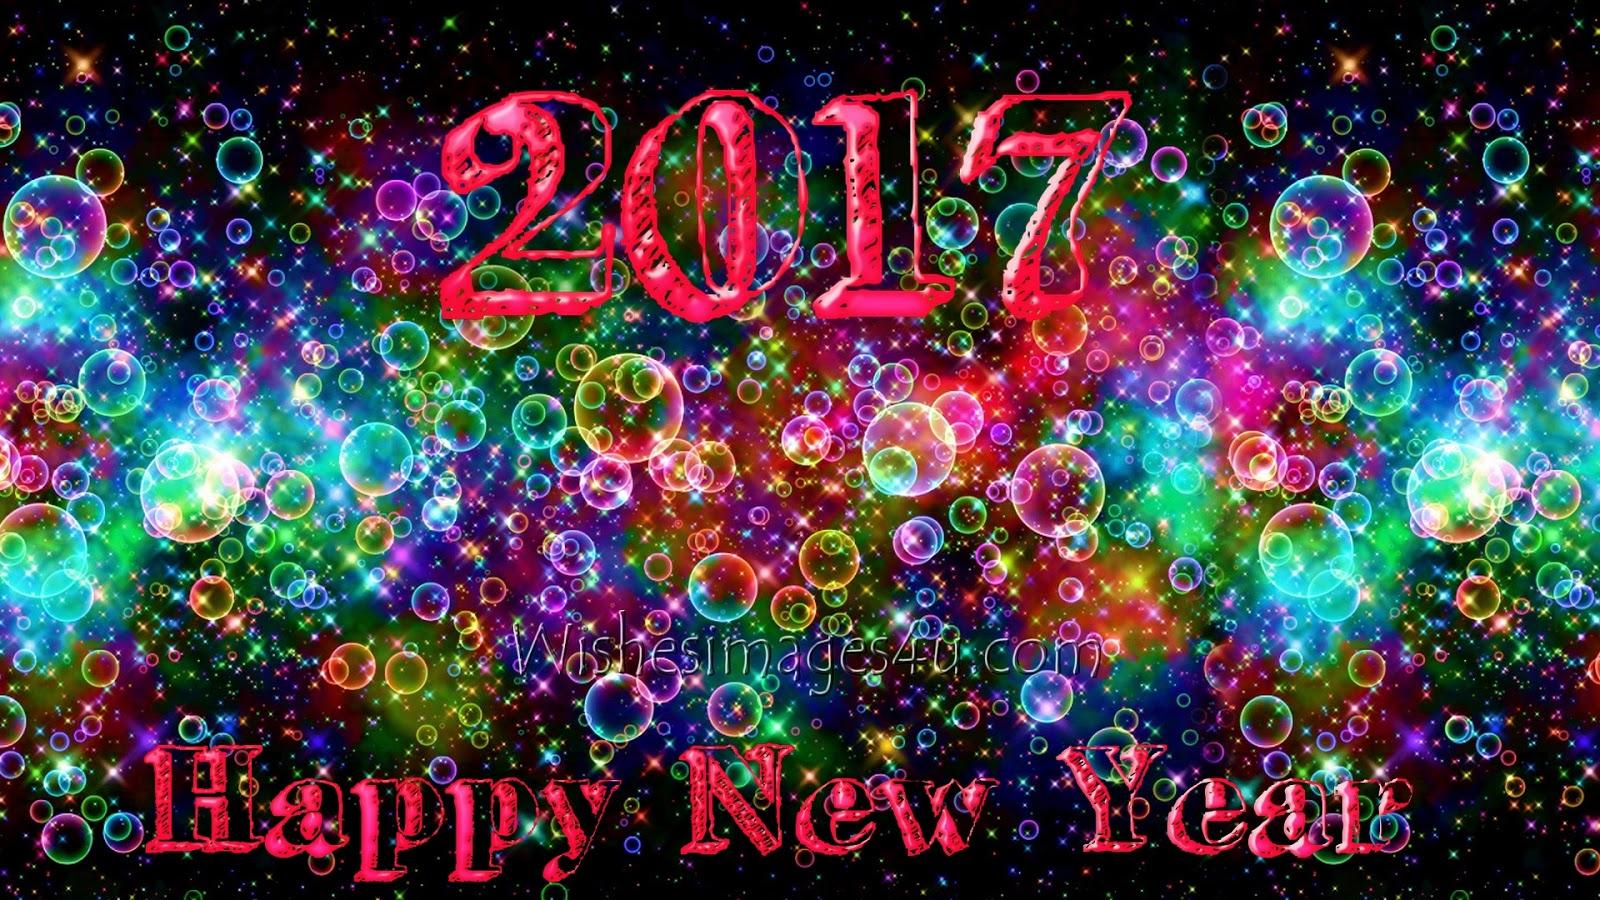 New Year 2017 Wallpaper Hd Desktop Doeloe1st Org